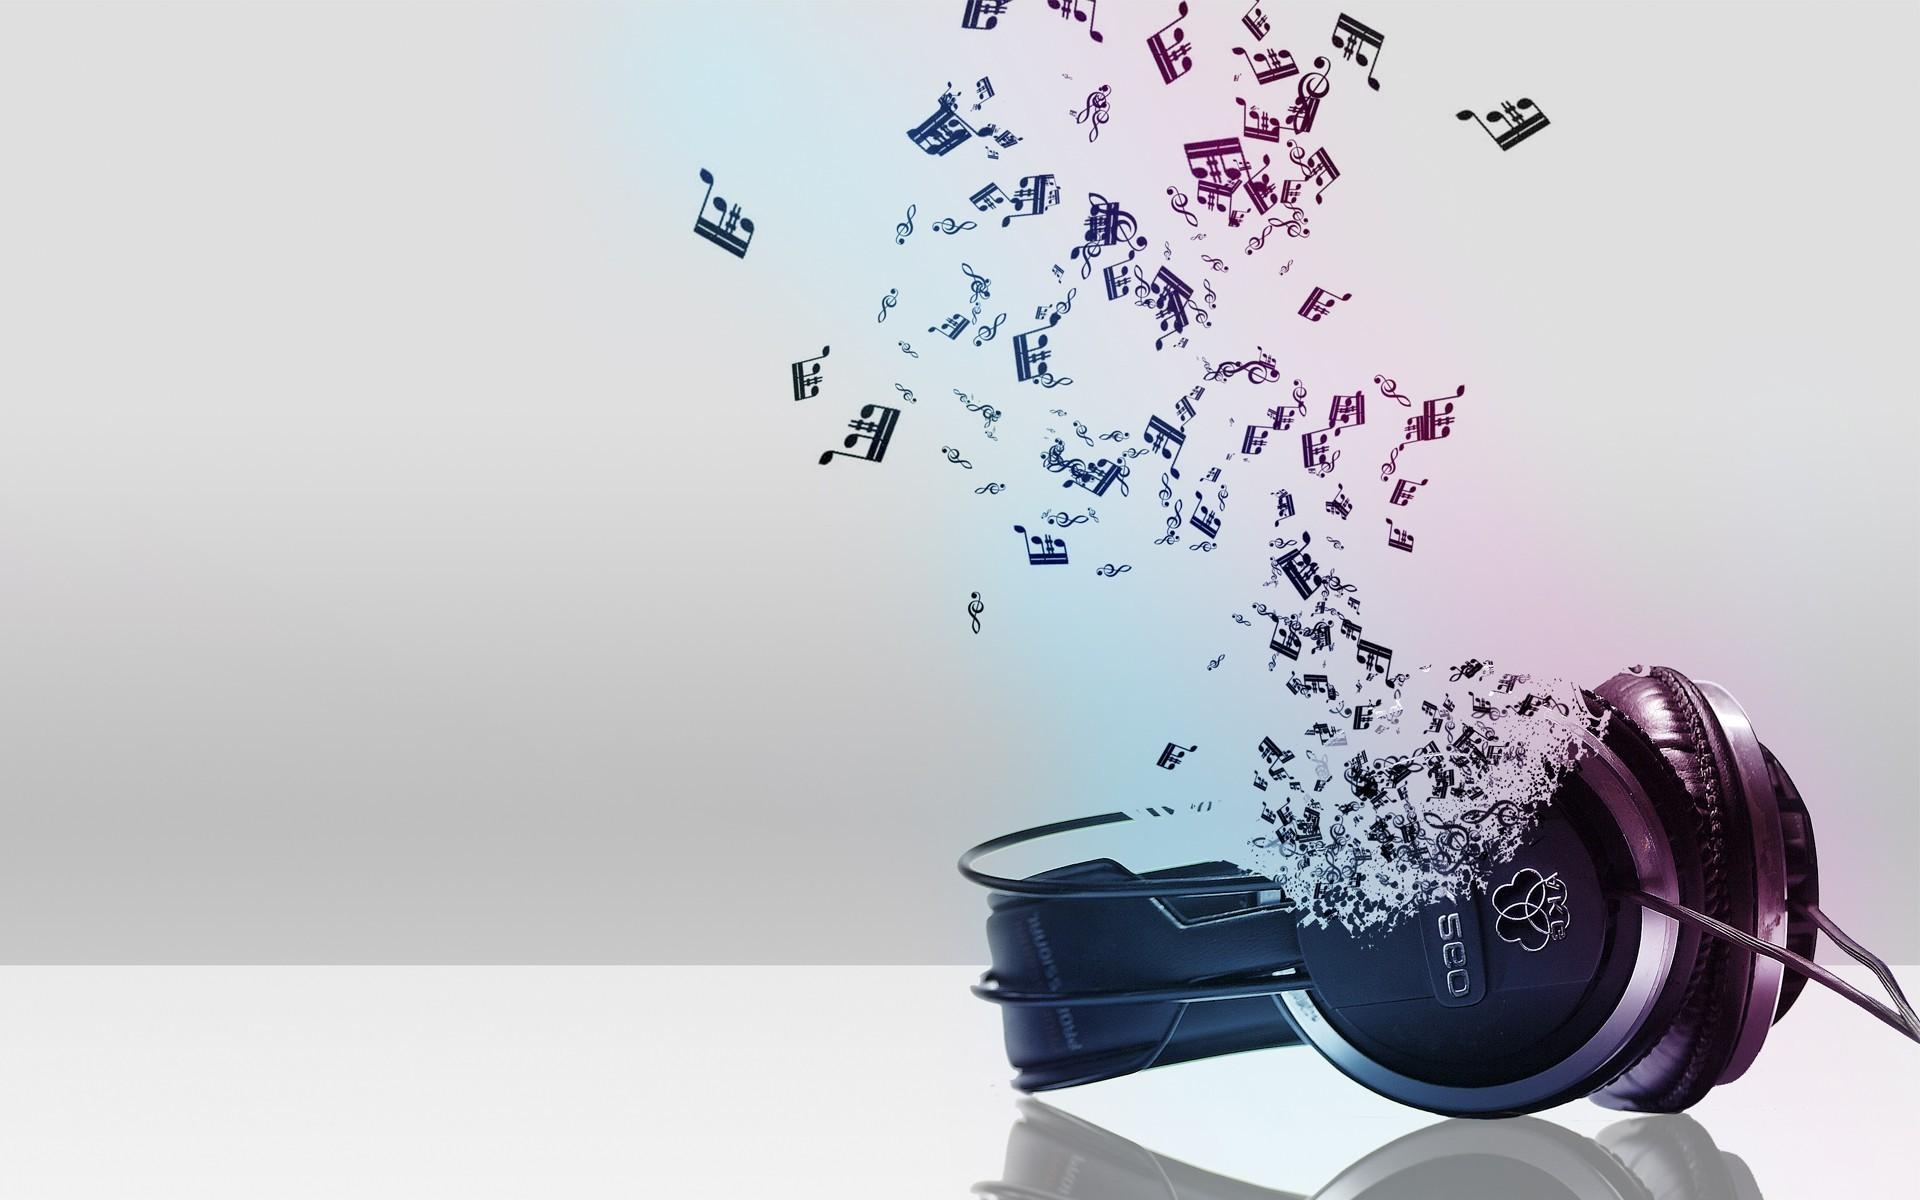 3D Headphone Music Notes Wallpaper